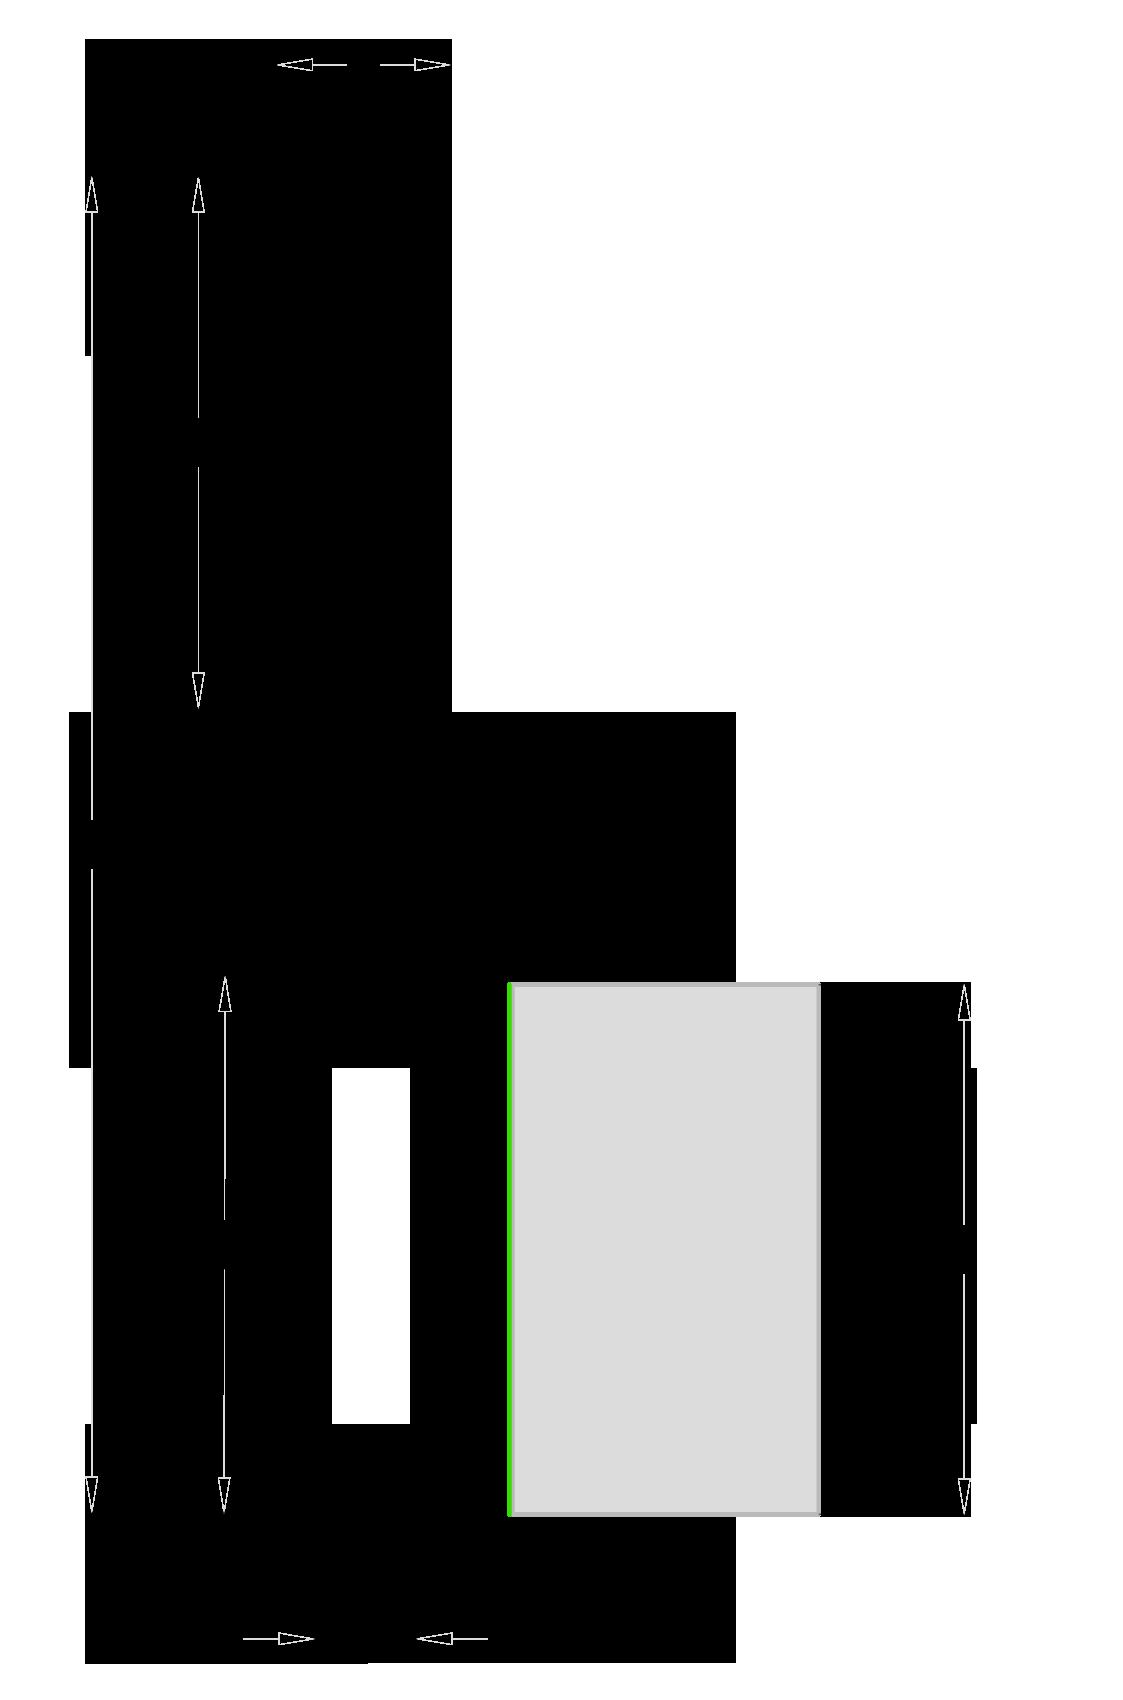 Fraiser FR.108 - Fresa a taglienti dritti per mortasare con rompitruciolo - Destra - scheda tecnica